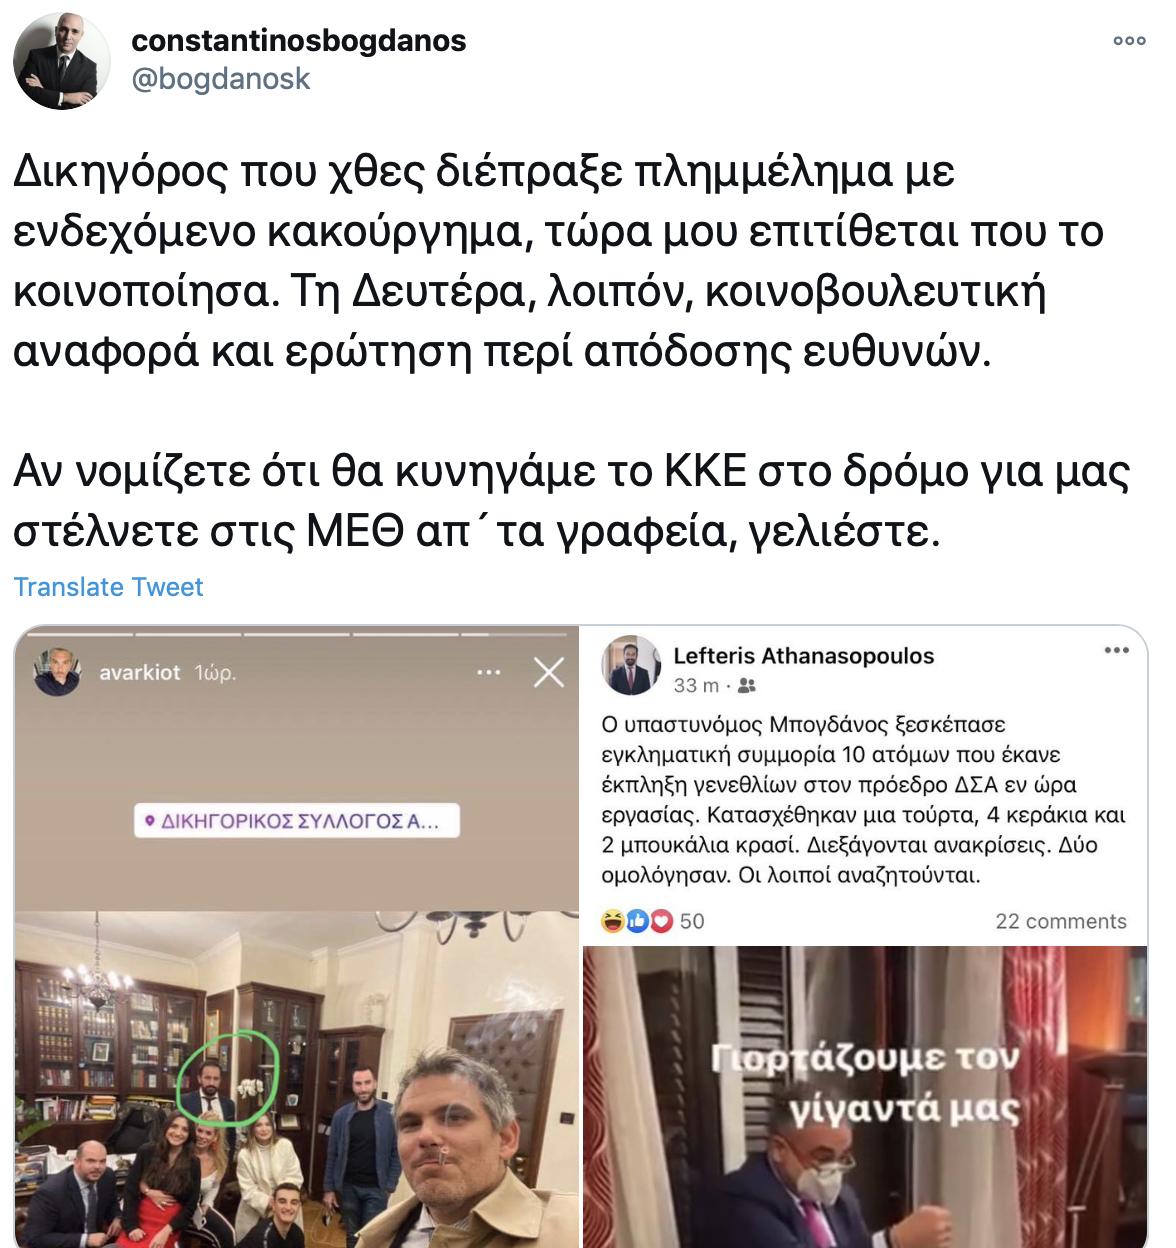 «Αν νομίζετε ότι θα μας στέλνετε στις ΜΕΘ απ' τα γραφεία, γελιέστε»: Το σκληρό tweet του Μπογδάνου που έγινε viral (Pics)